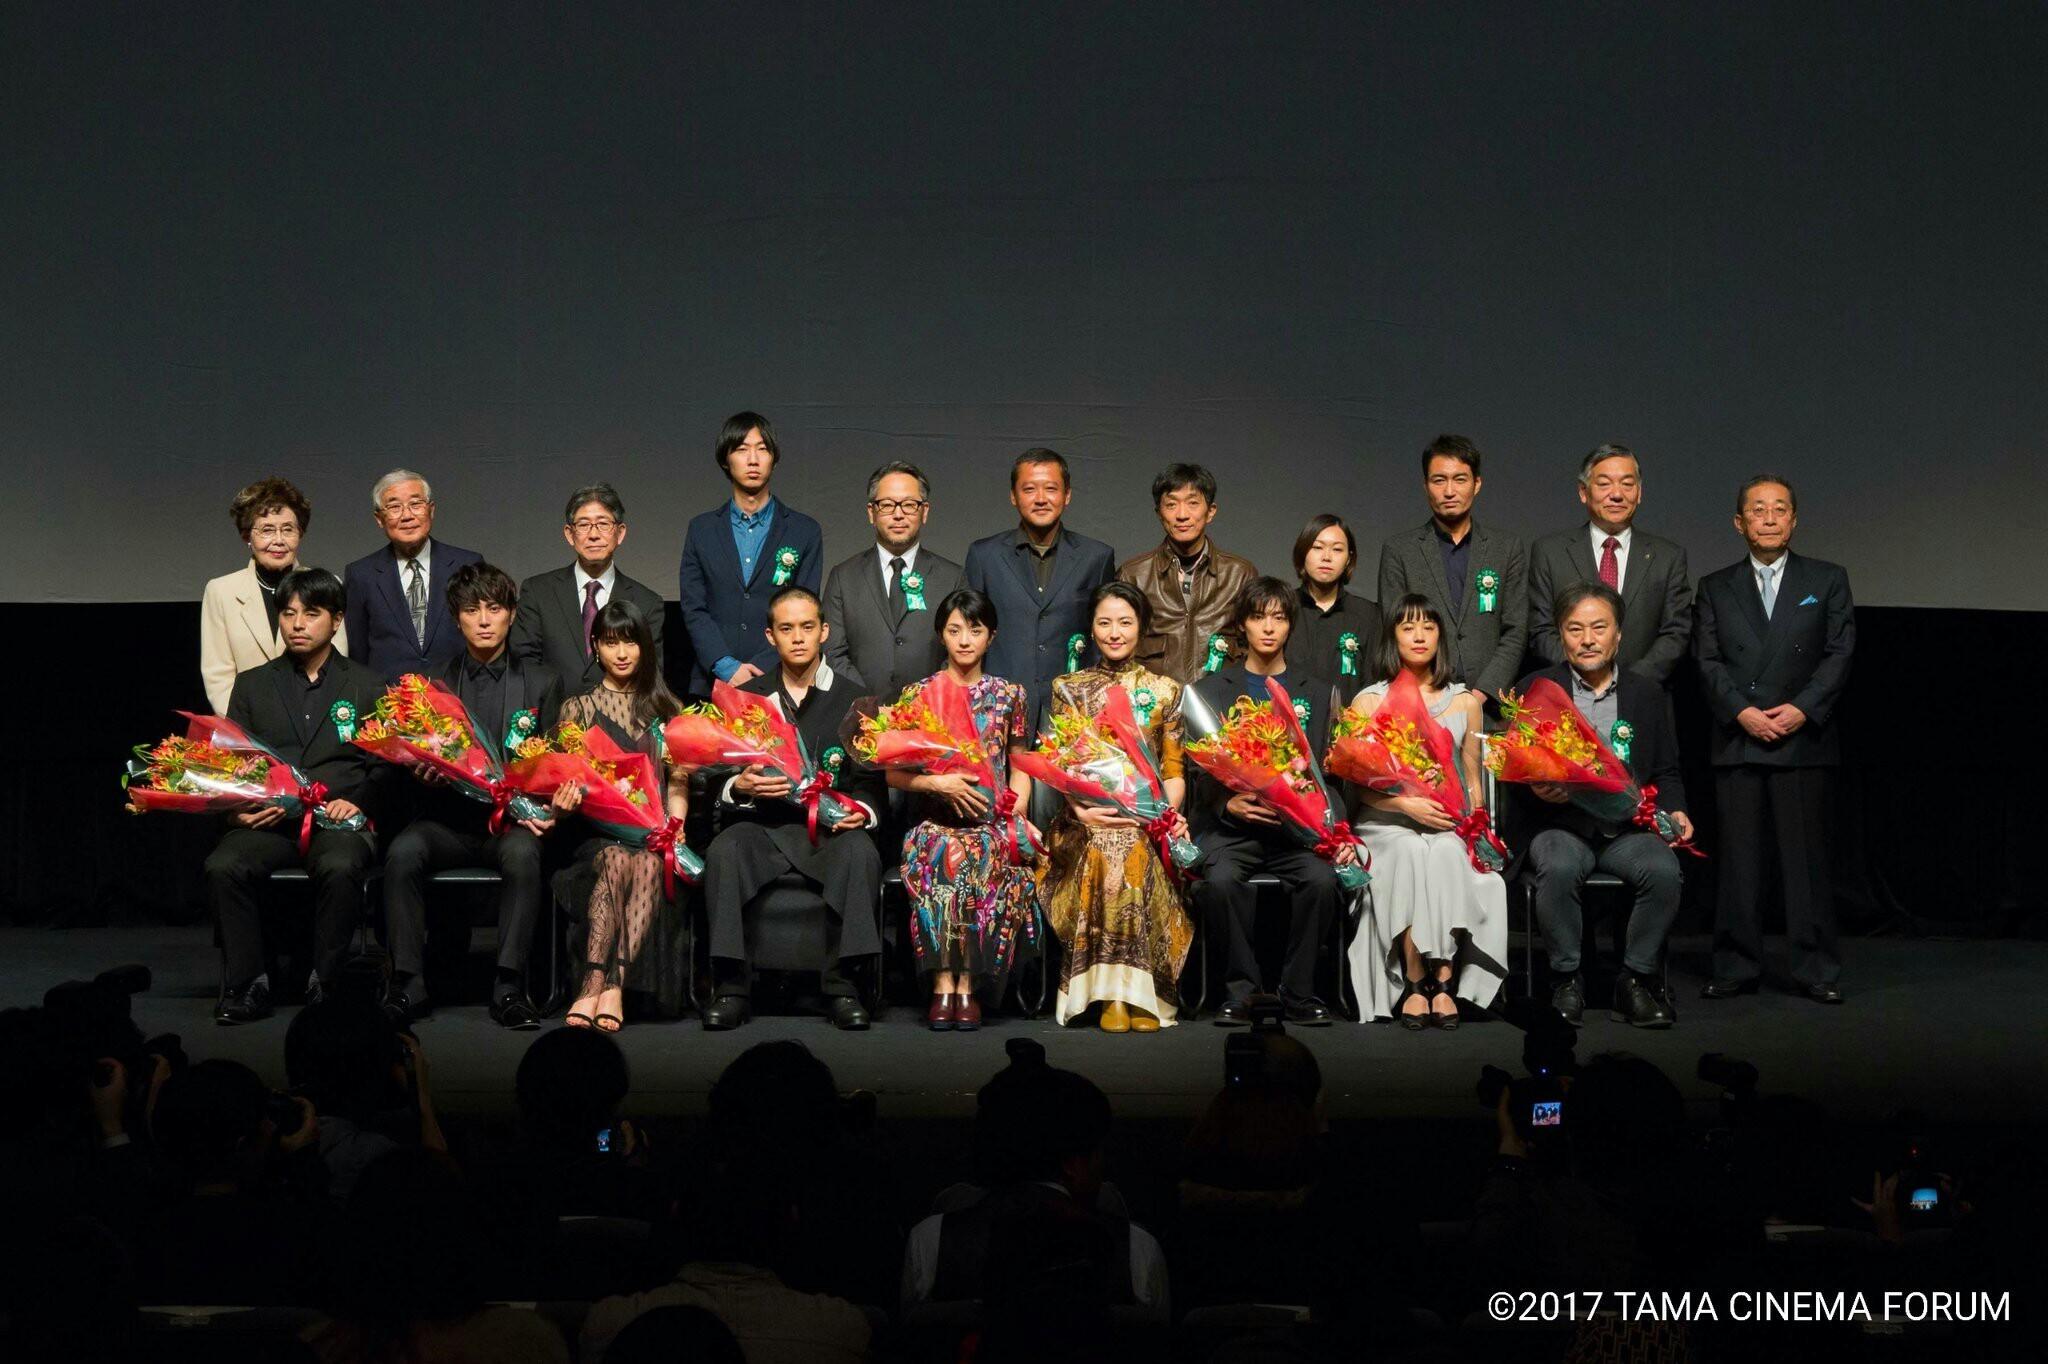 2017年開催 第9回TAMA映画賞授賞式登壇者集合写真